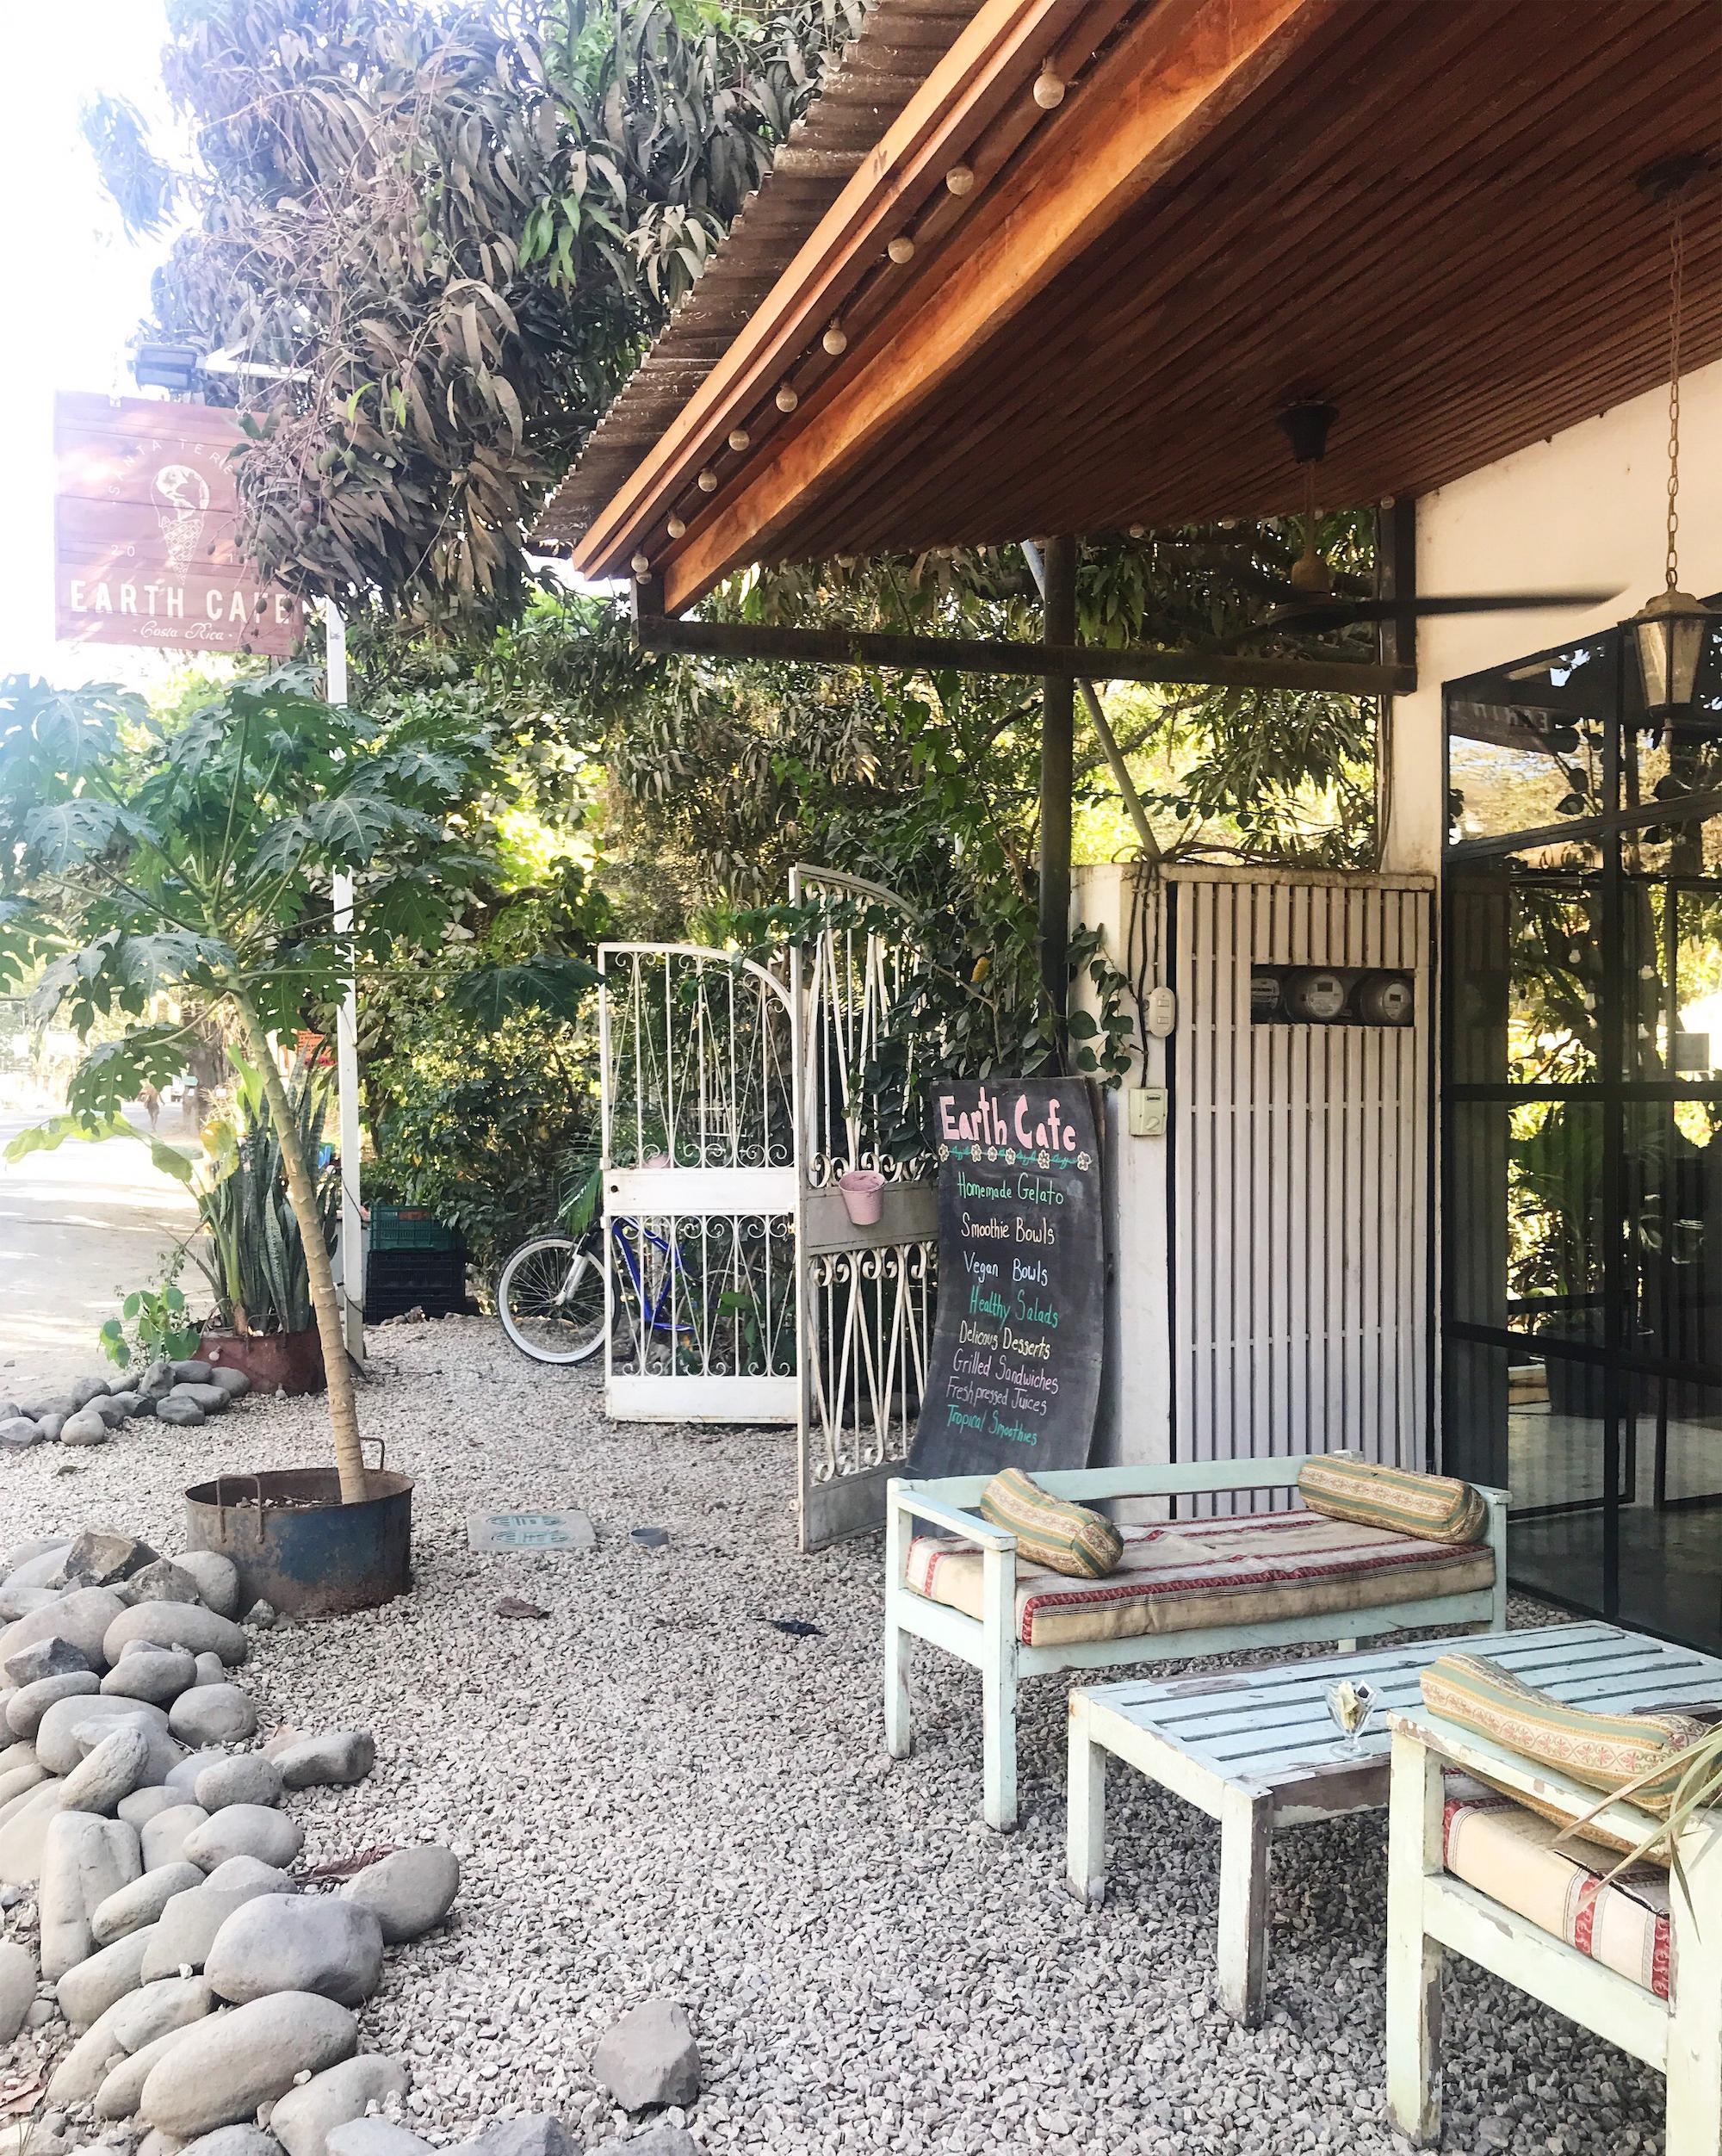 Earth Café Santa Teresa